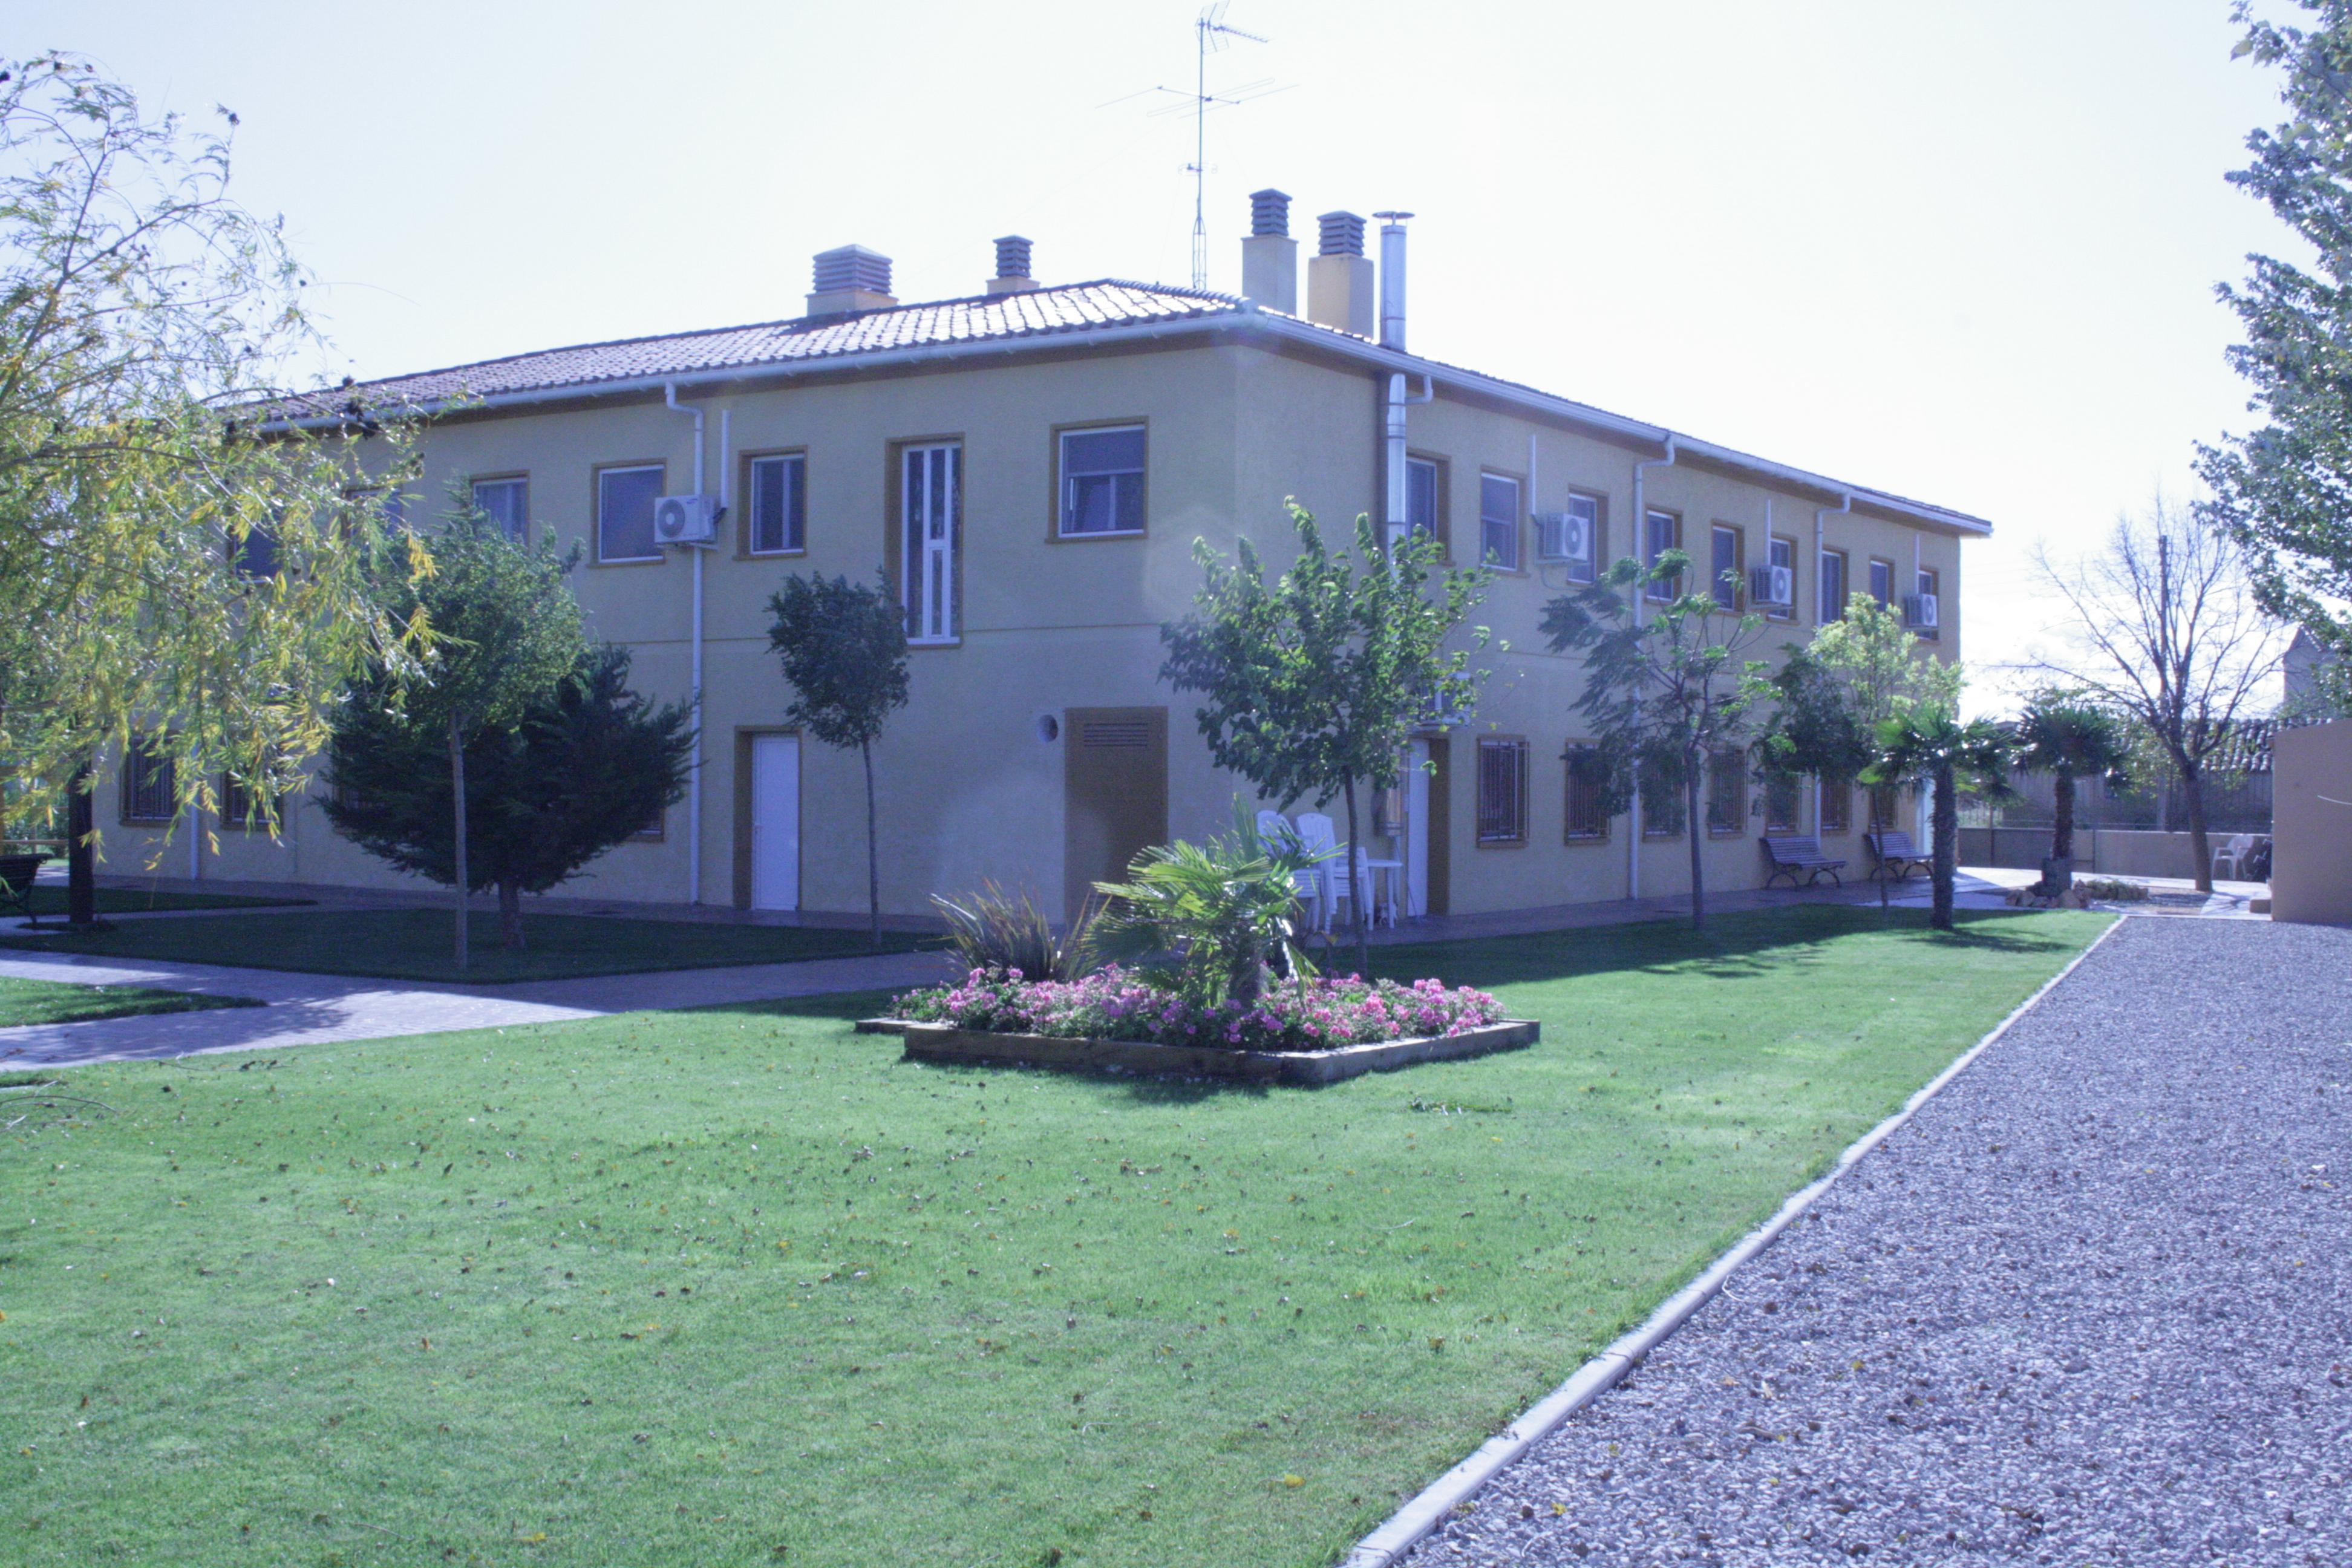 Residencia ancianos La Sabina